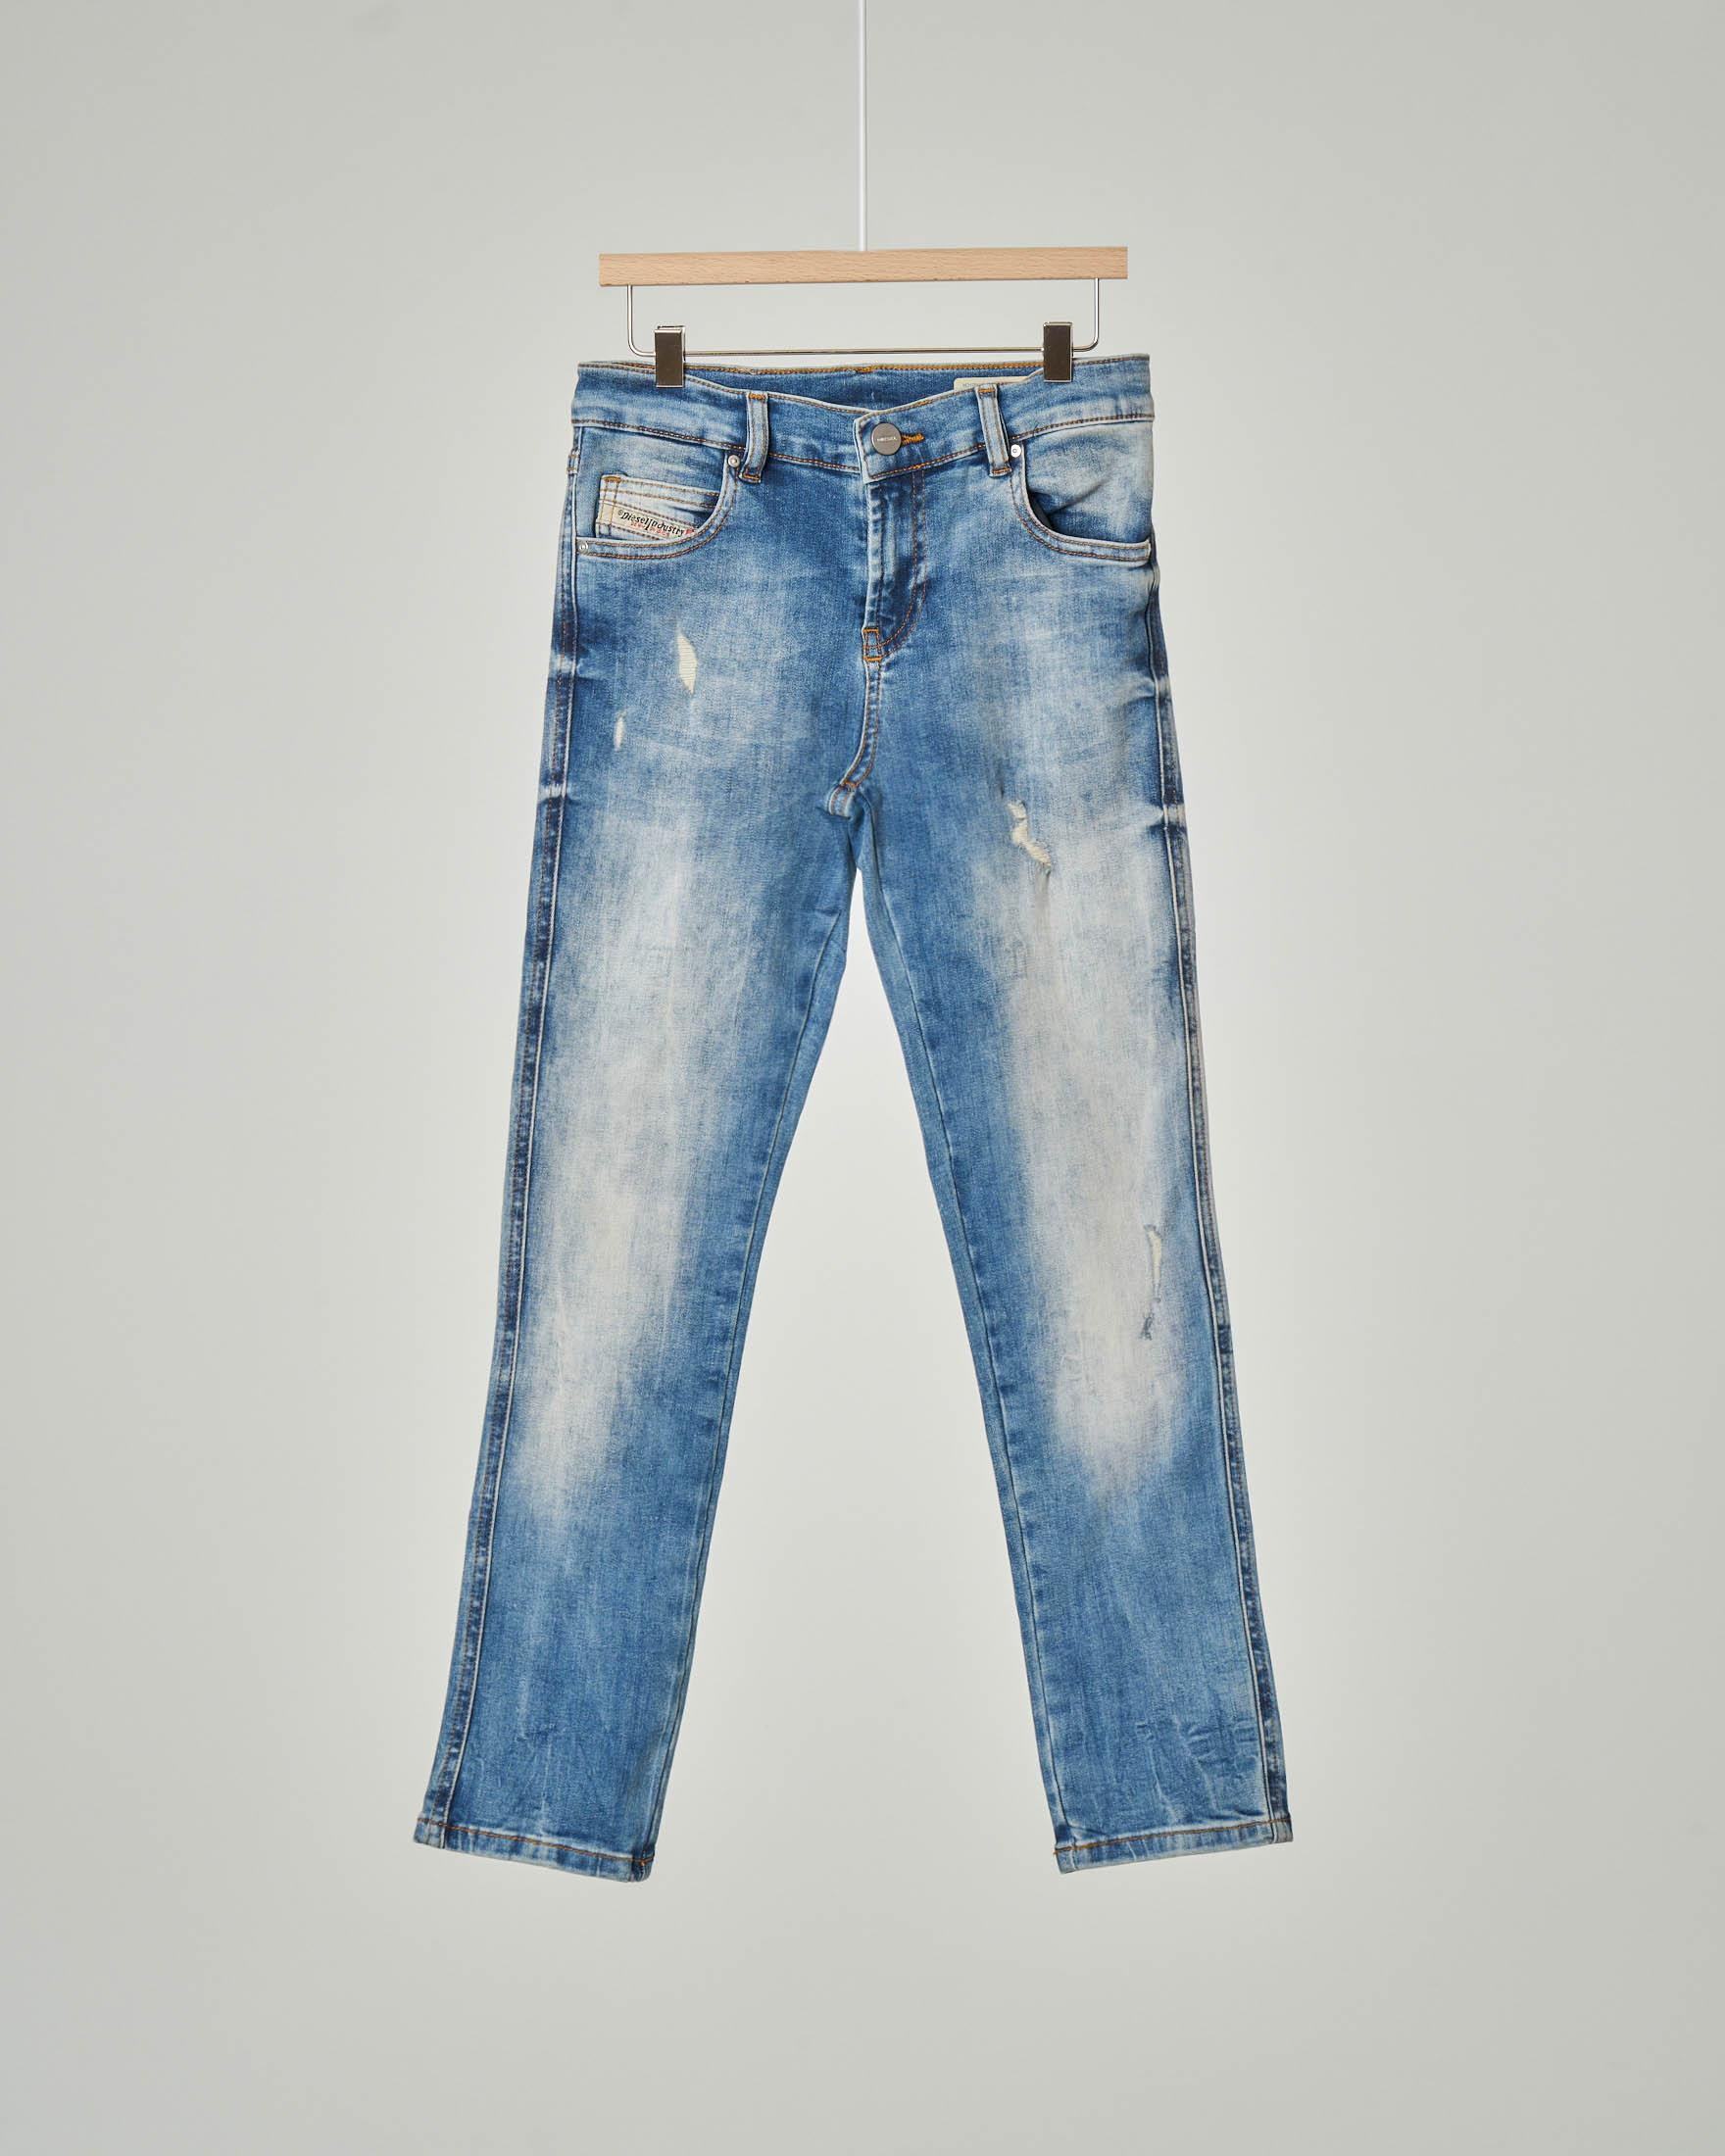 Jeans Babhila lavaggio super stone wash con abrasioni 8-16